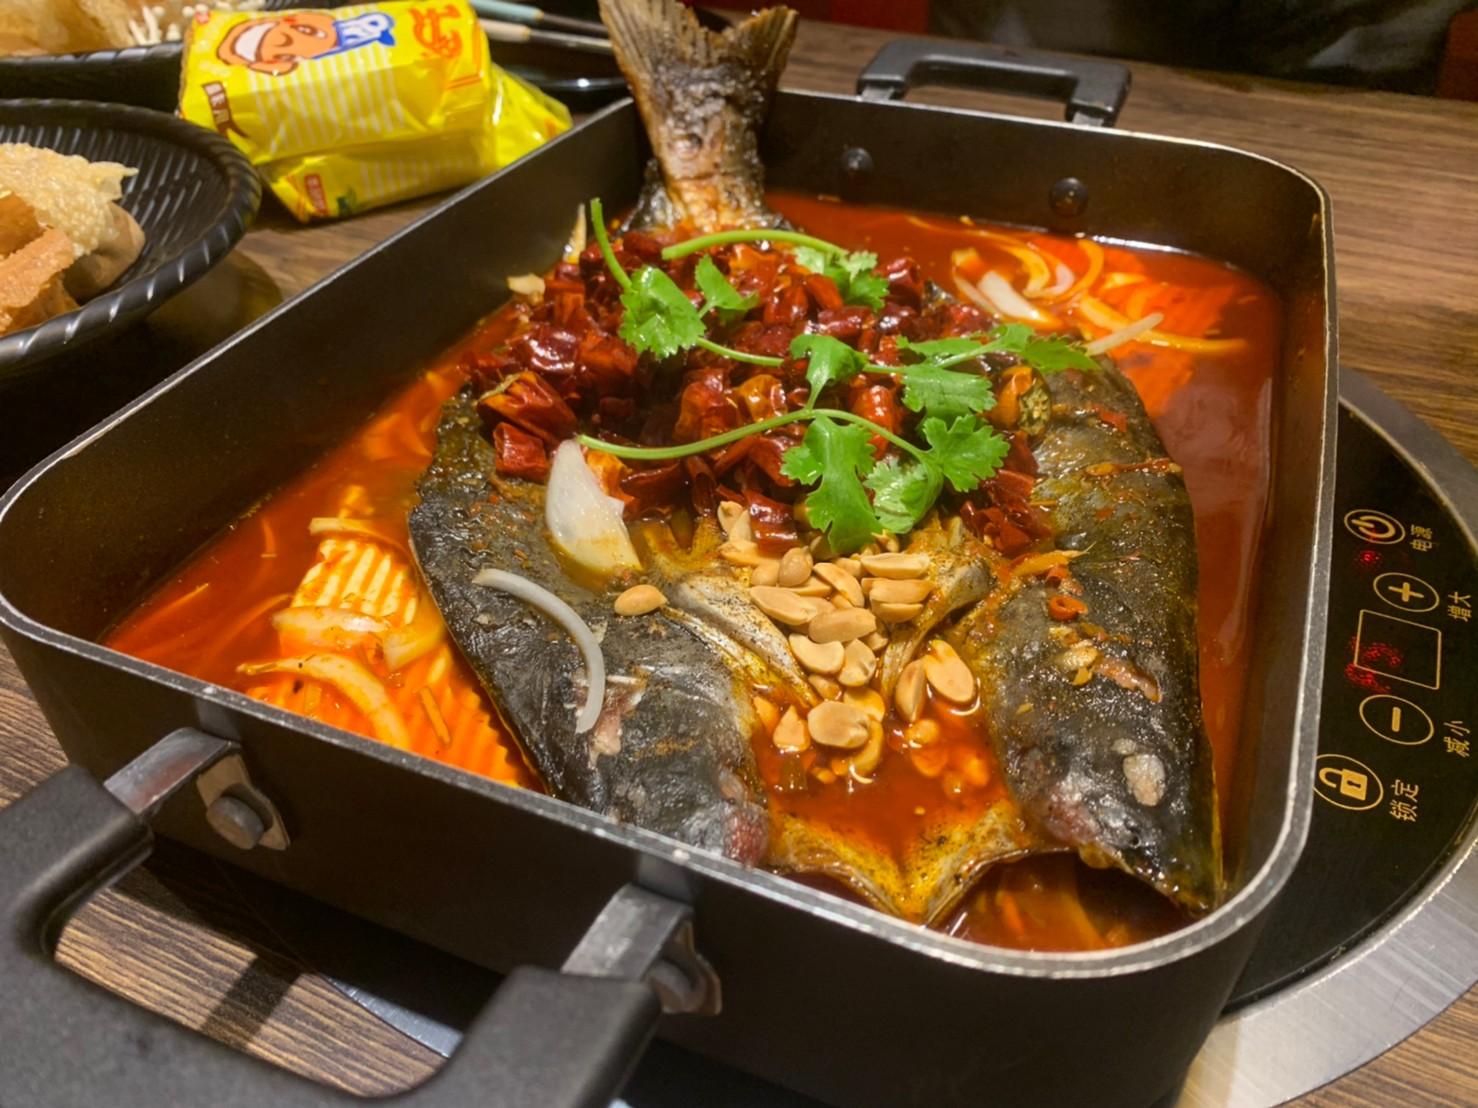 桃園。億魚麻辣鍋 | 重慶烤魚 | 中壢晚餐